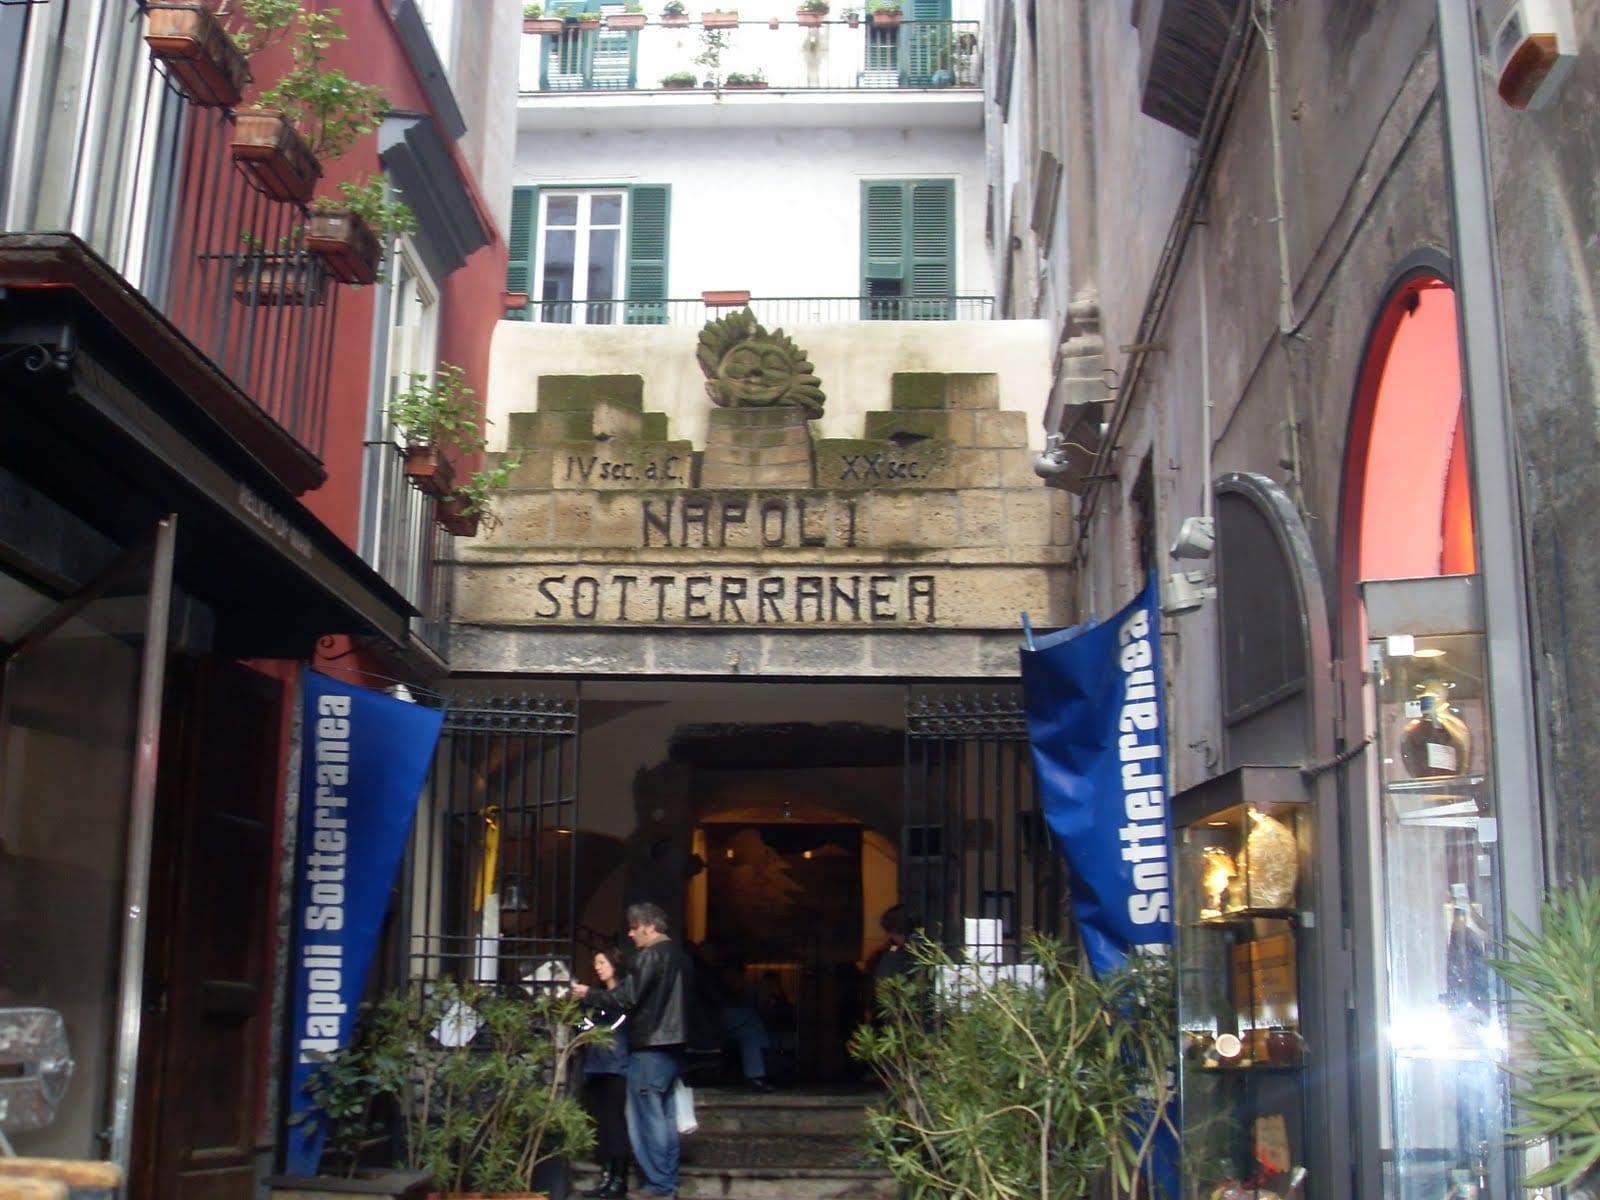 Accesso a Napoli sotterranea da Piazza S. Gaetano.